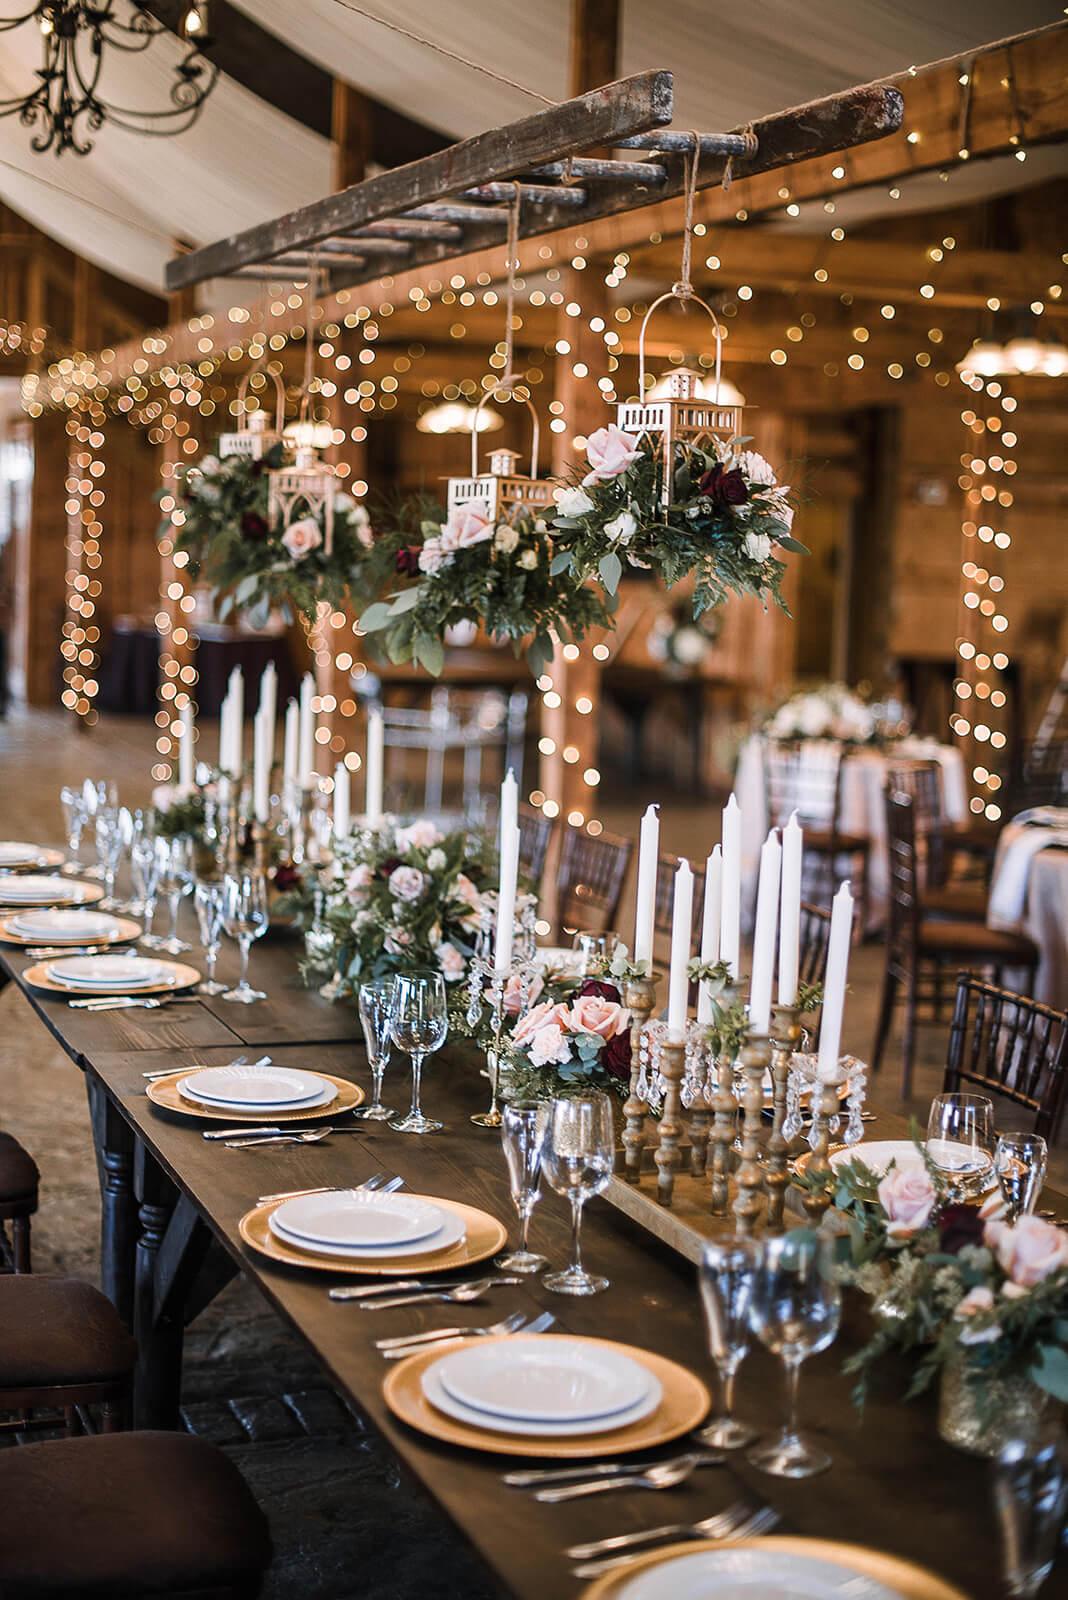 Farm Table & Hanging Lanterns